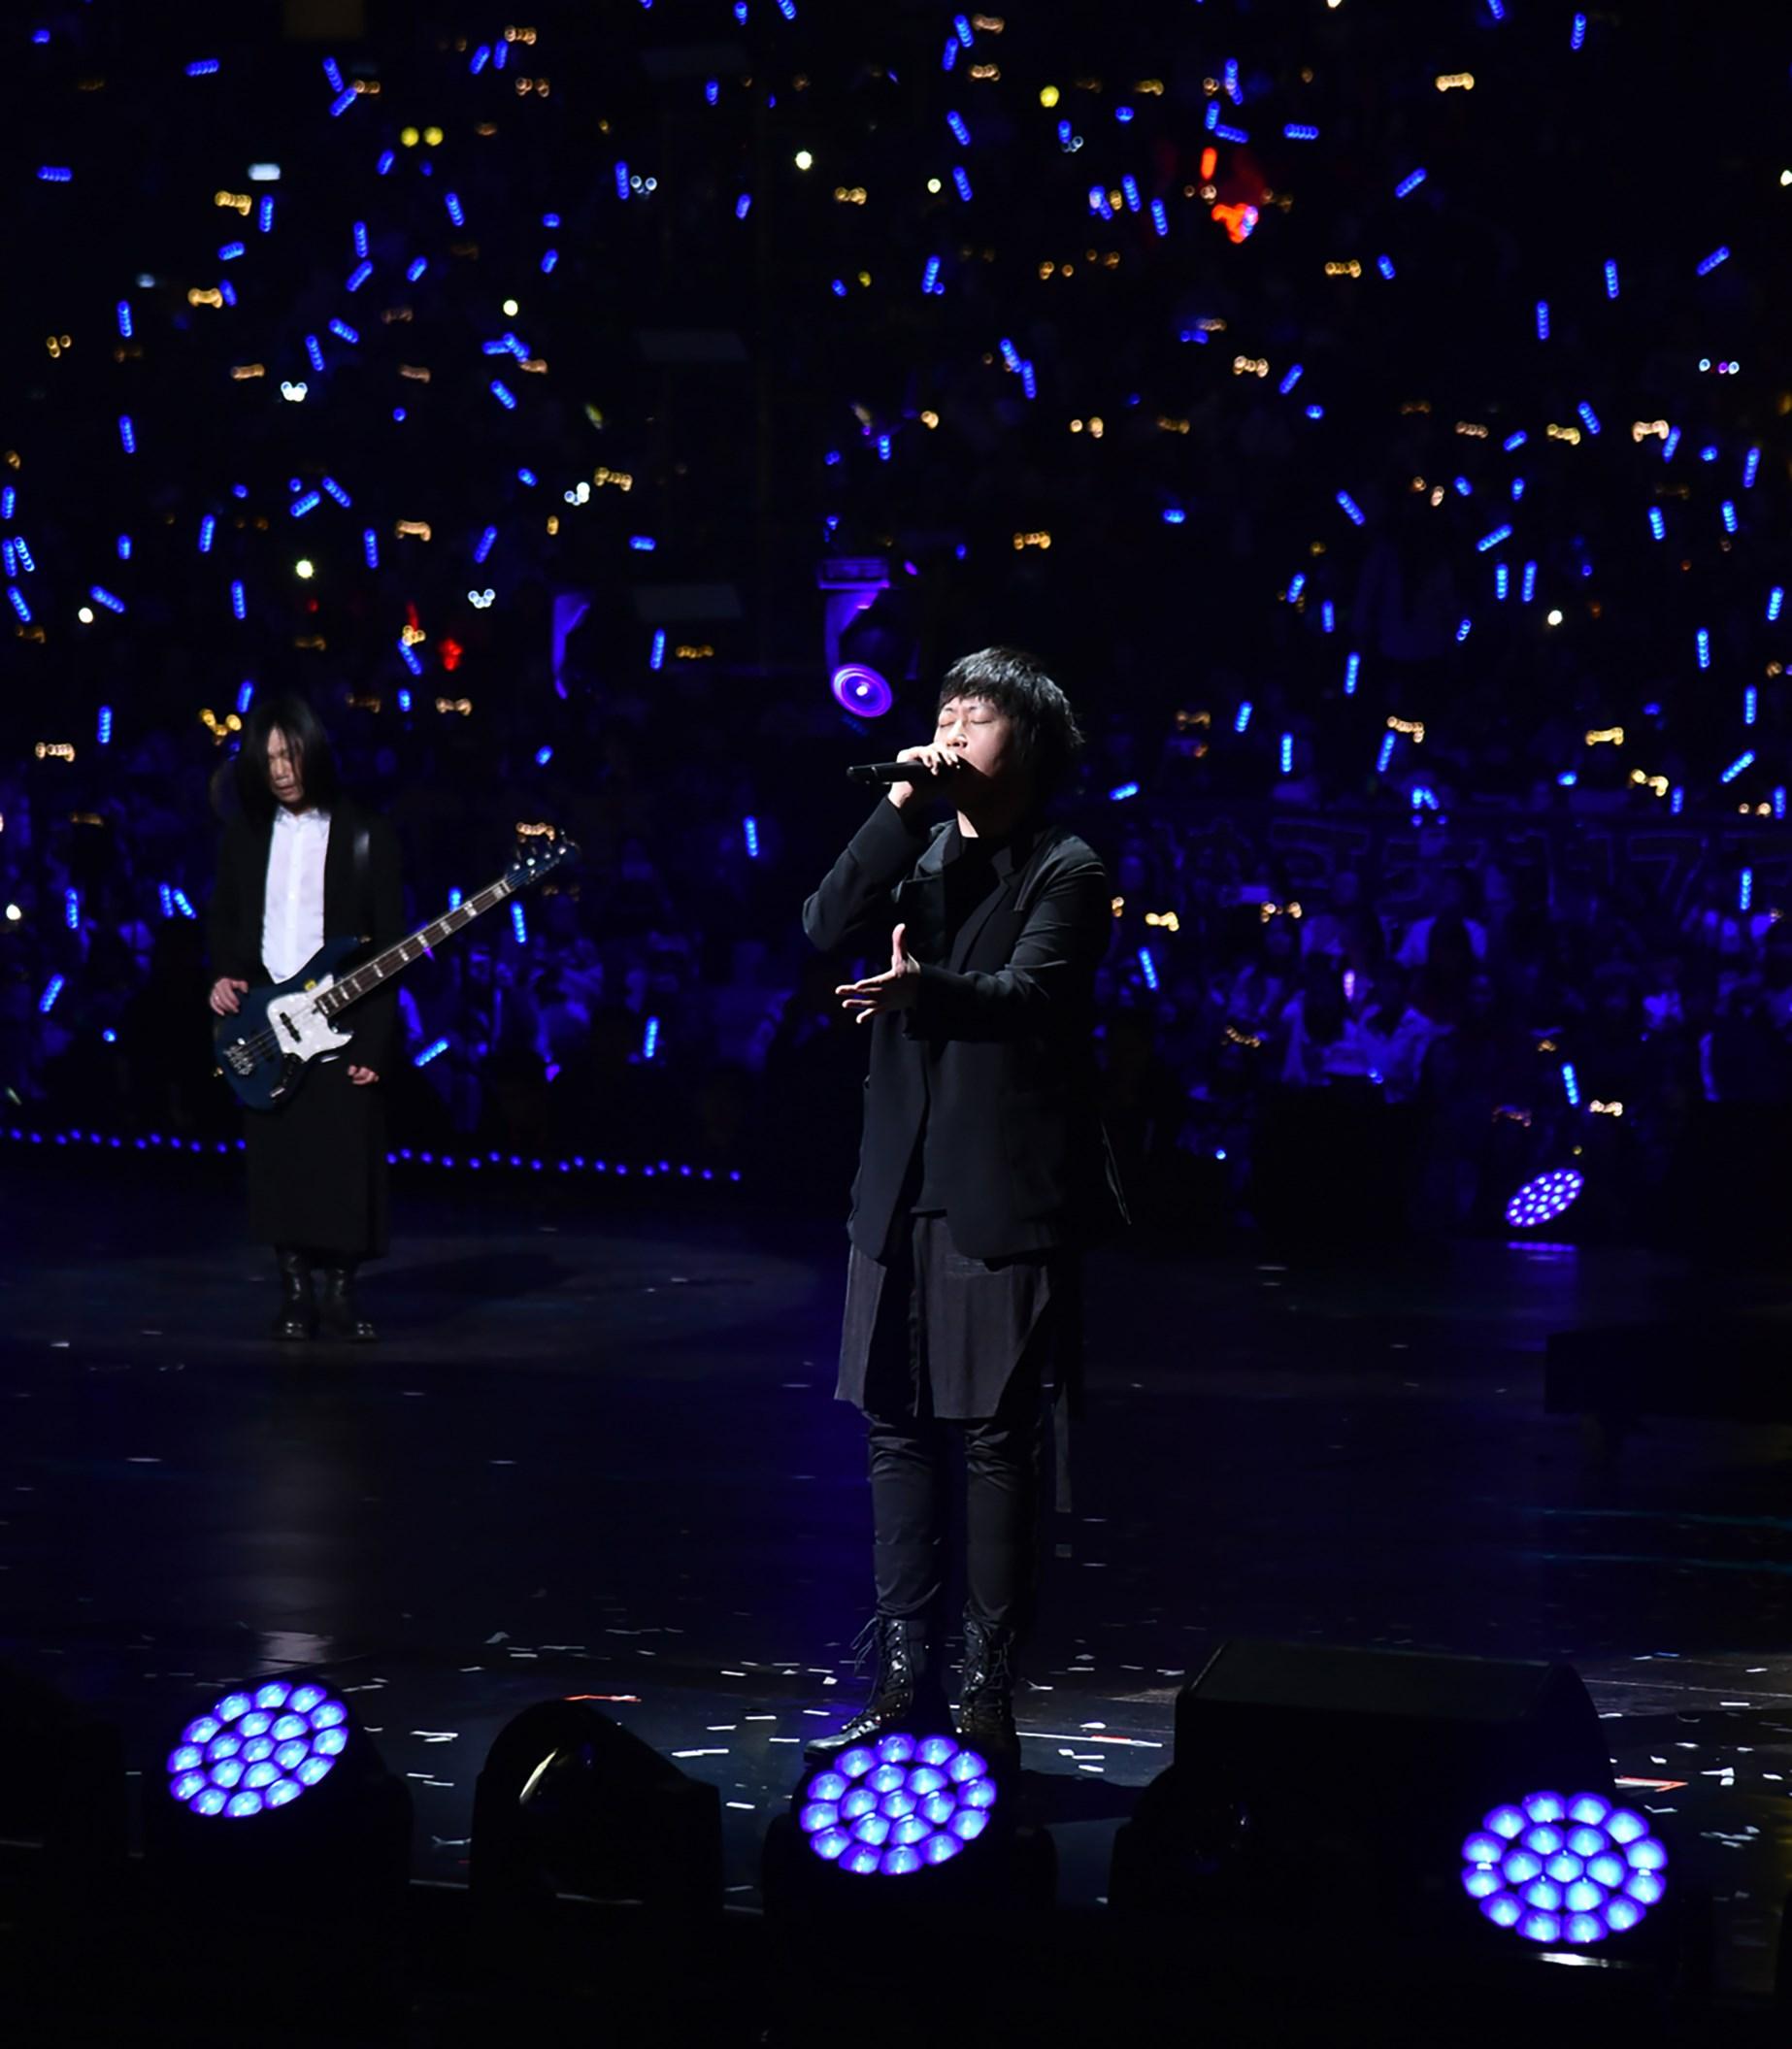 五月天、鼓鼓、白安受邀参加华语乐坛顶级盛事咪咕汇